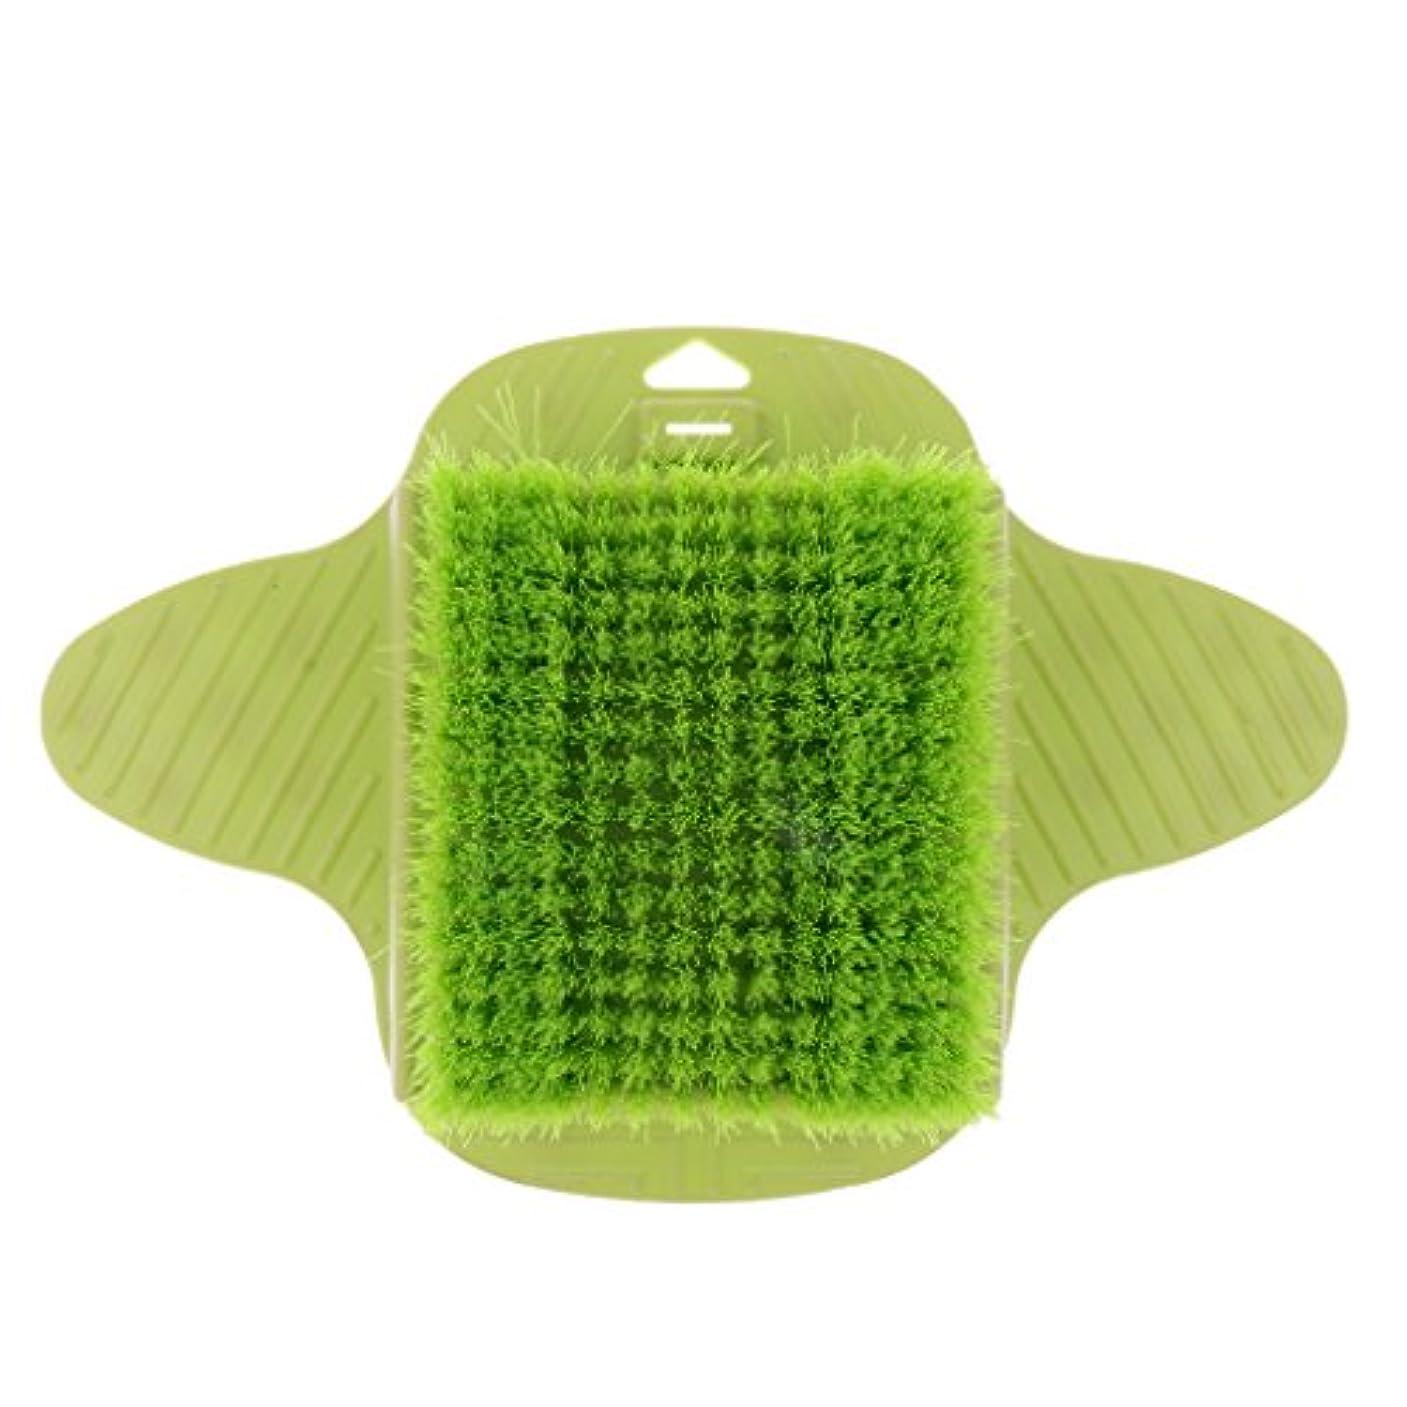 探すそっと練習したFenteer 足底清潔 マッサージブラシ ブラシ 足ケア 子供や大人 ストレス解消 快適 リラックス シャワー 健康ツール